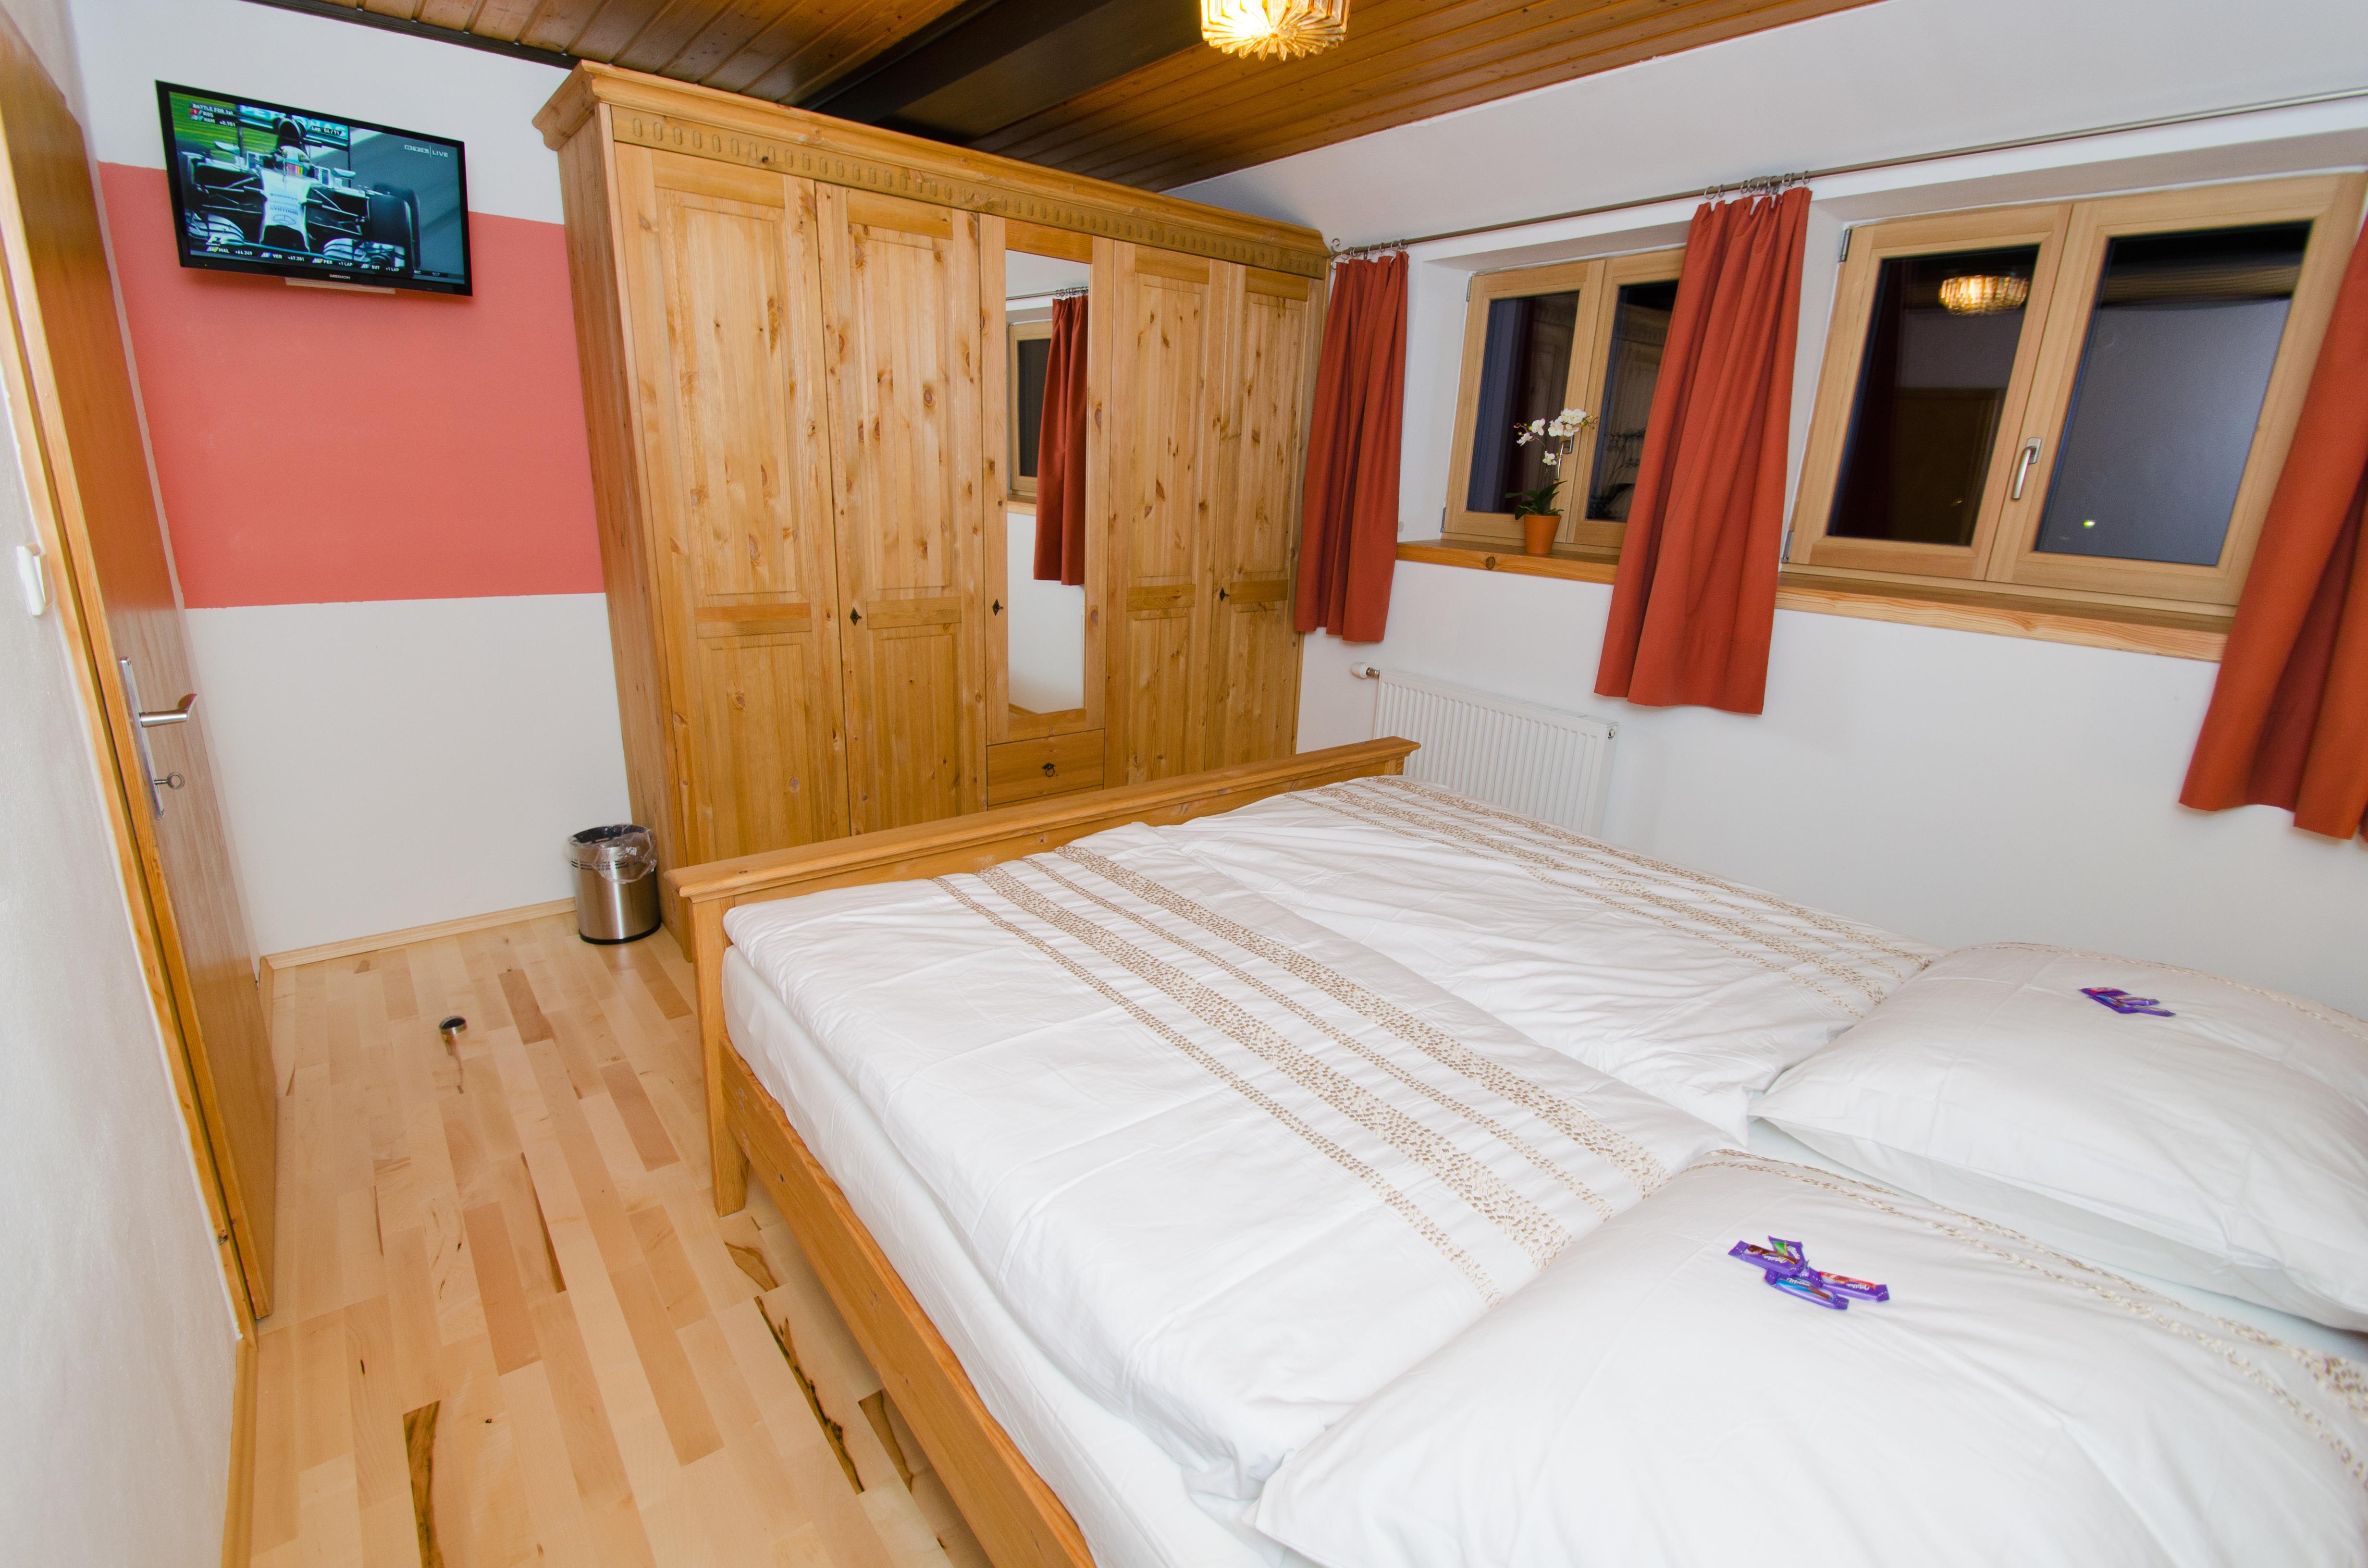 Wohnung2_schlafzimmer1_1